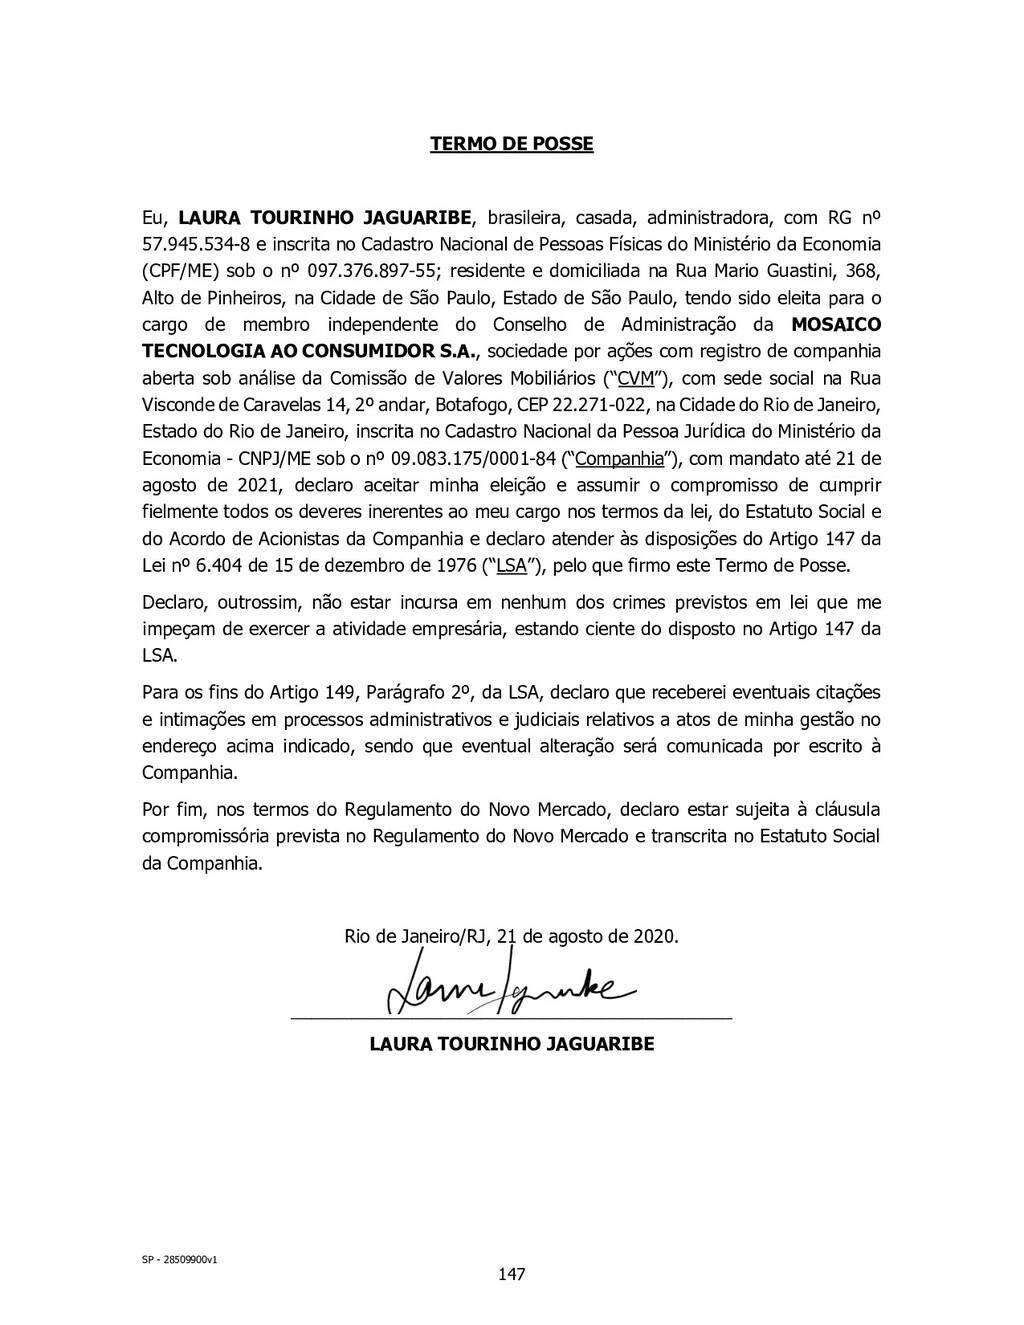 SP - 28509900v1 TERMO DE POSSE Eu, LAURA TOURIN...